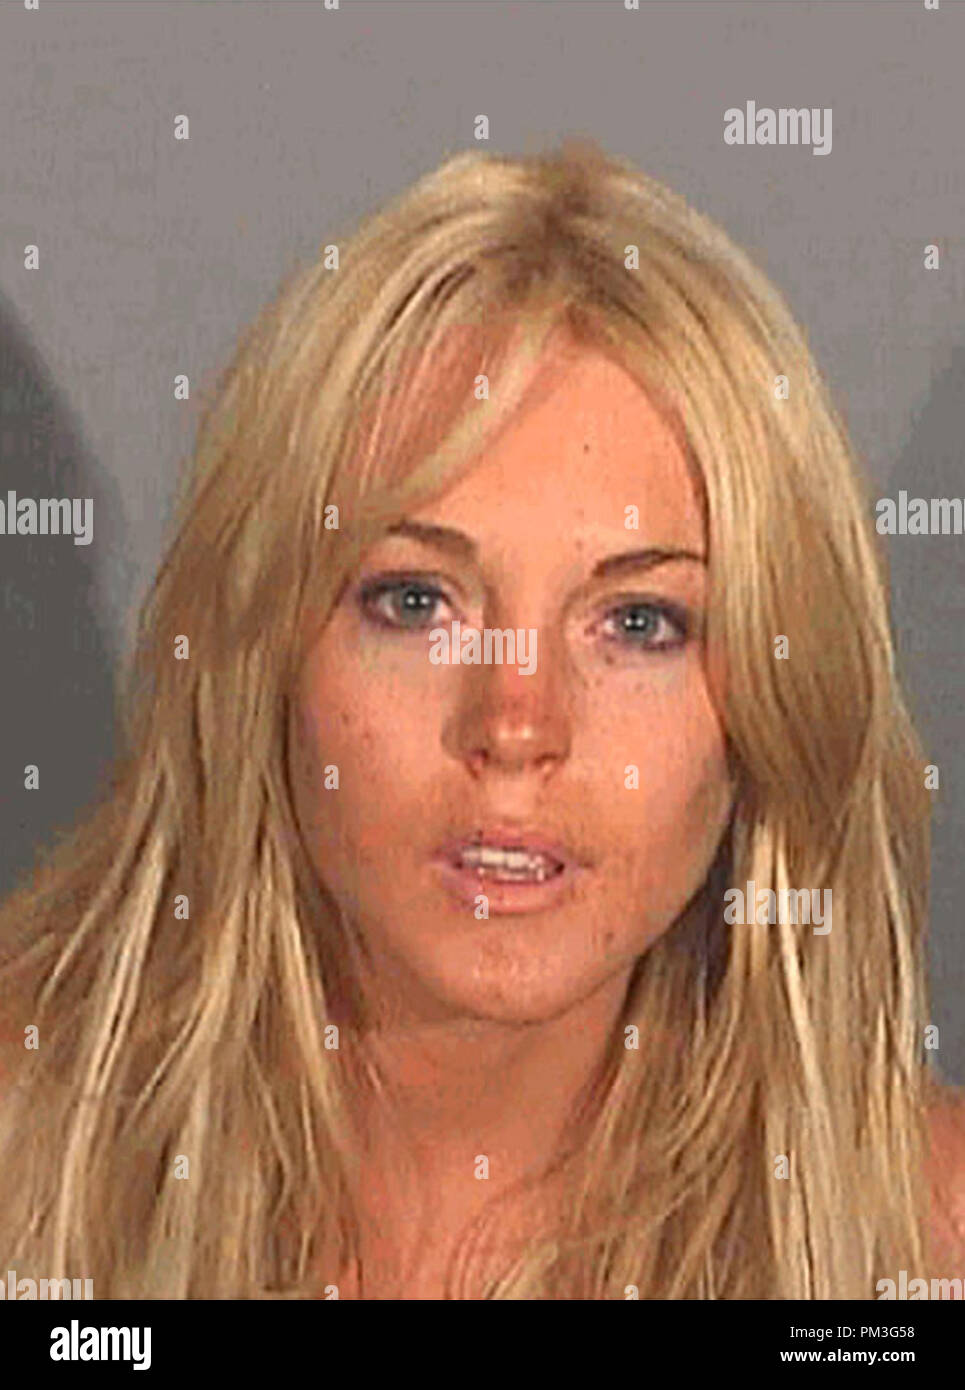 Lindsay Lohan Stock Photos & Lindsay Lohan Stock Images - Page 2 - Alamy